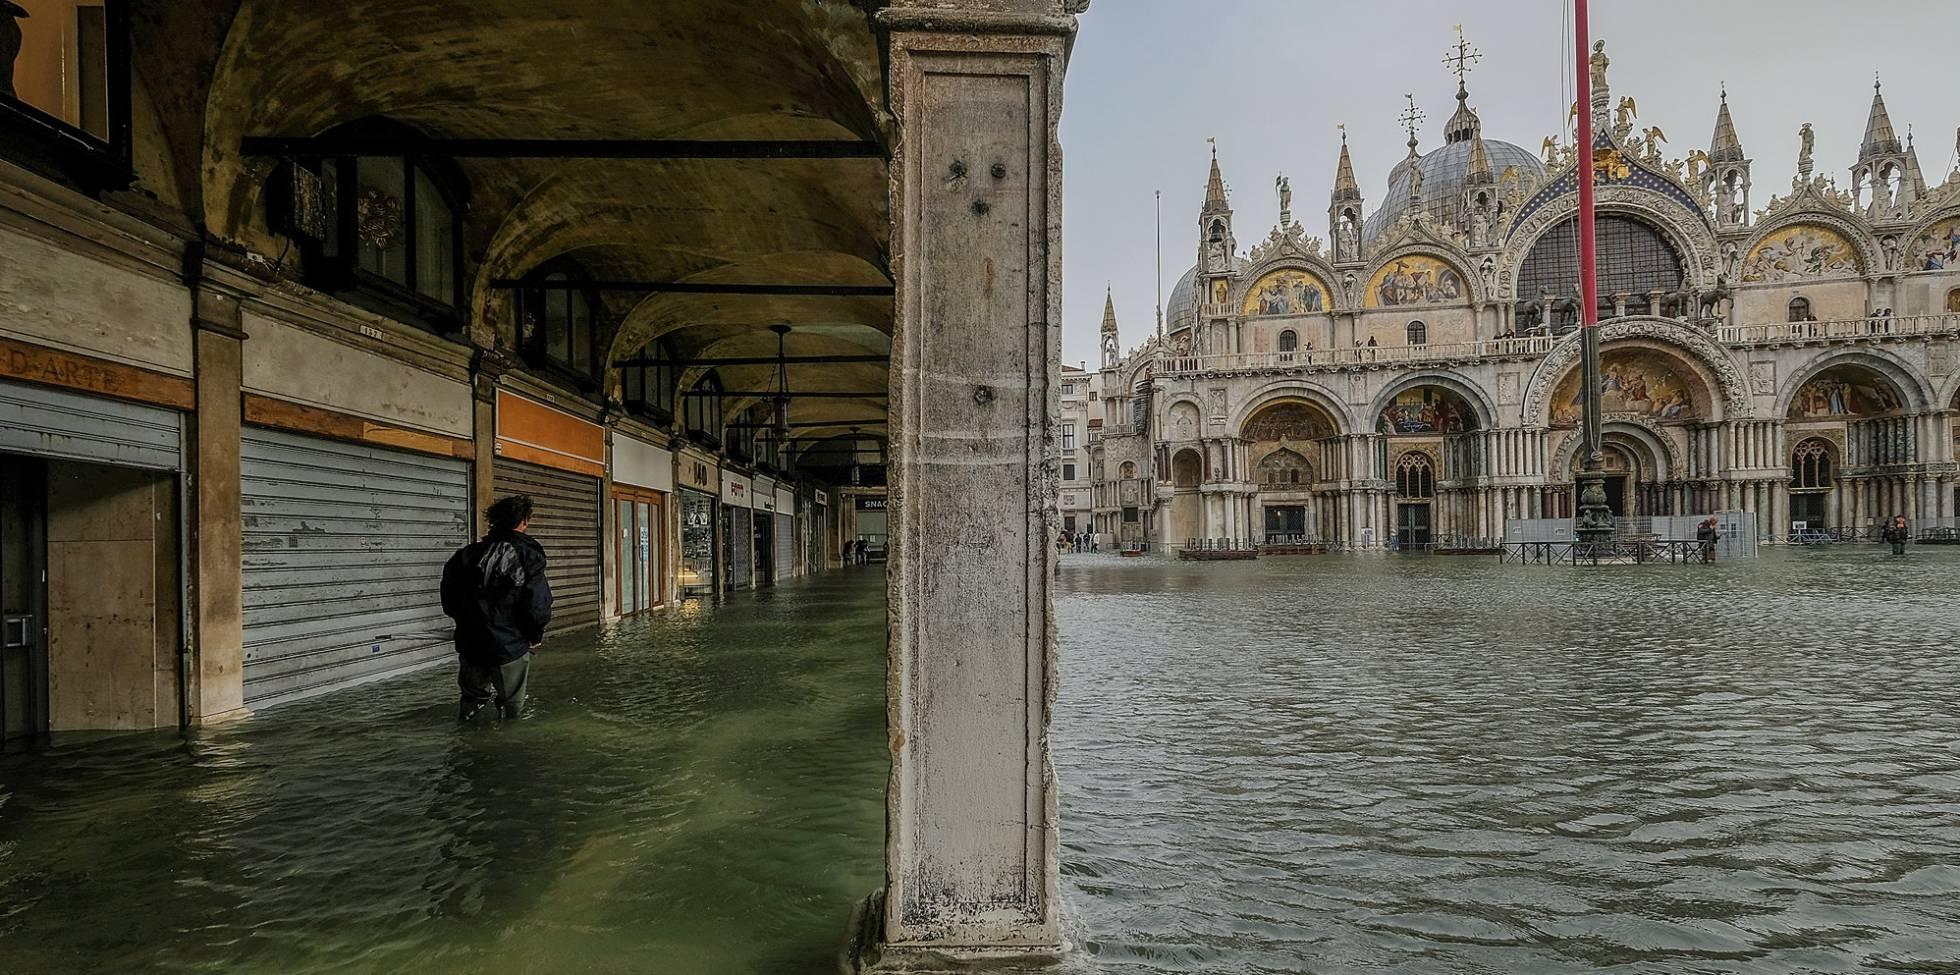 Um turista caminha pelas ruas alagadas em Veneza.